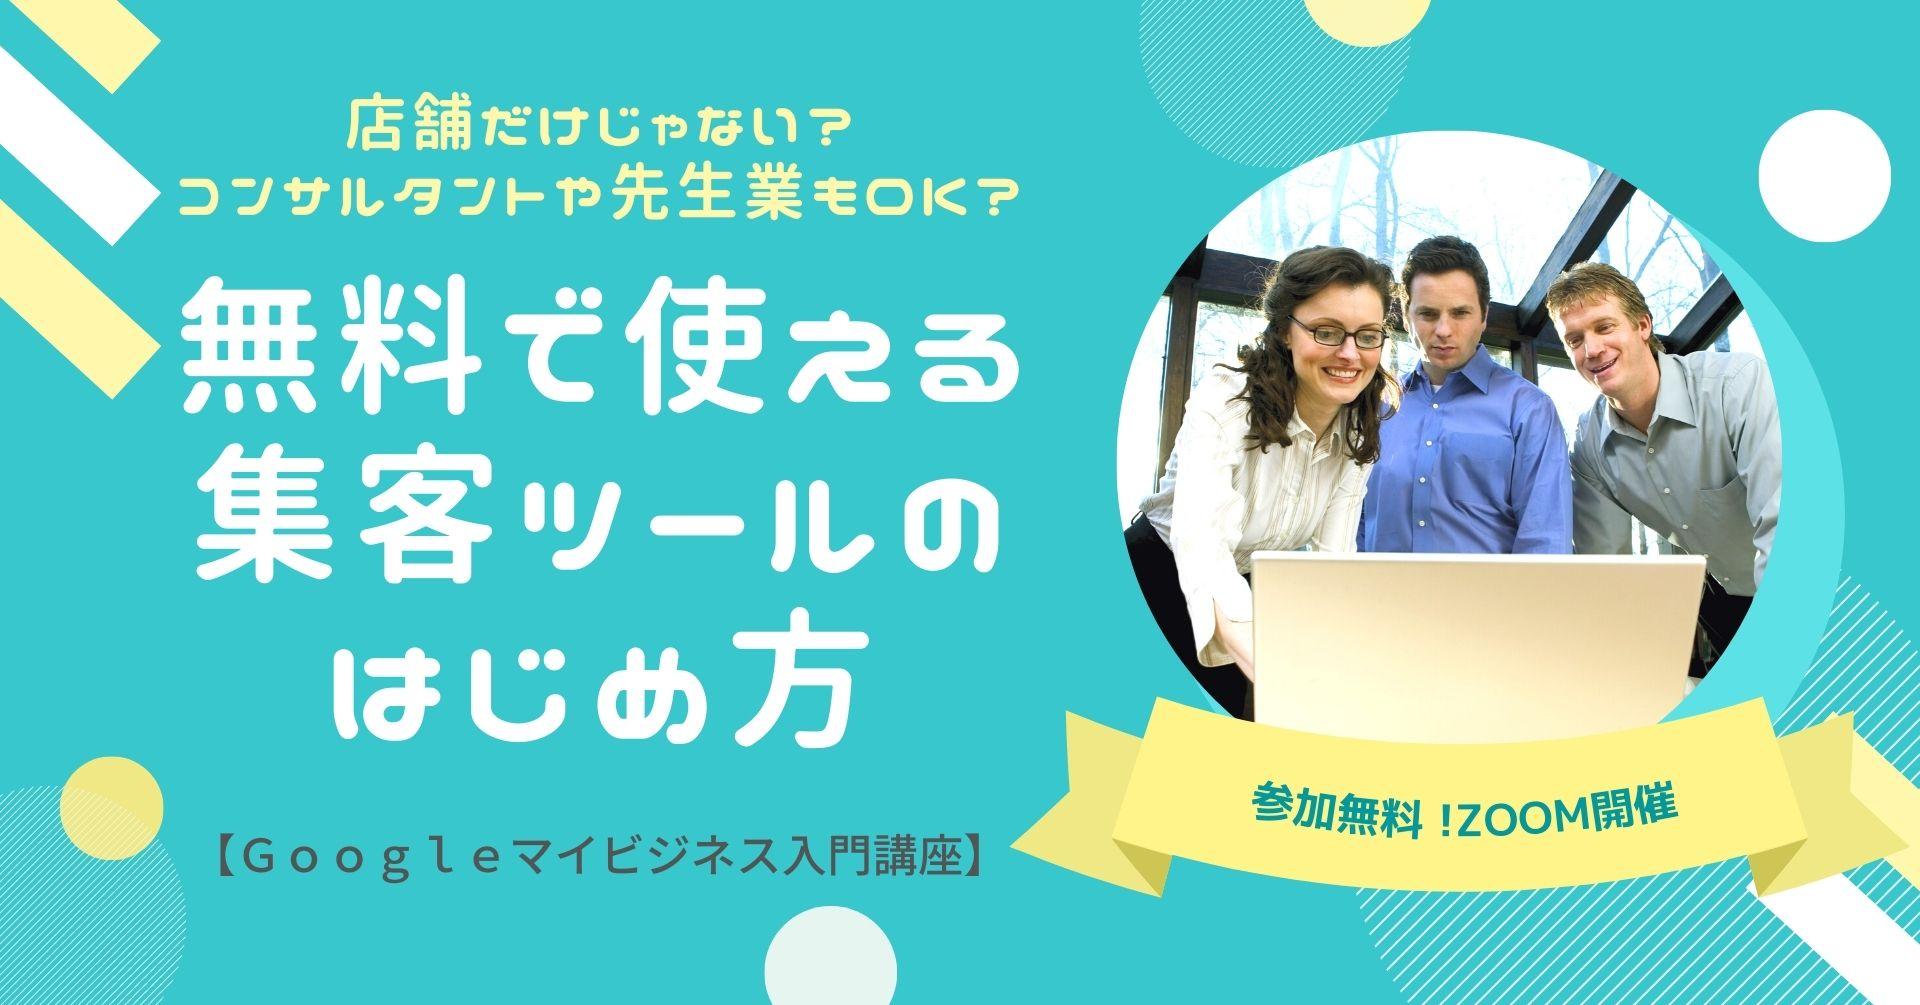 無料で使える 集客ツールのはじめ方【Googleマイビジネス入門講座】参加無料 !ZOOM開催